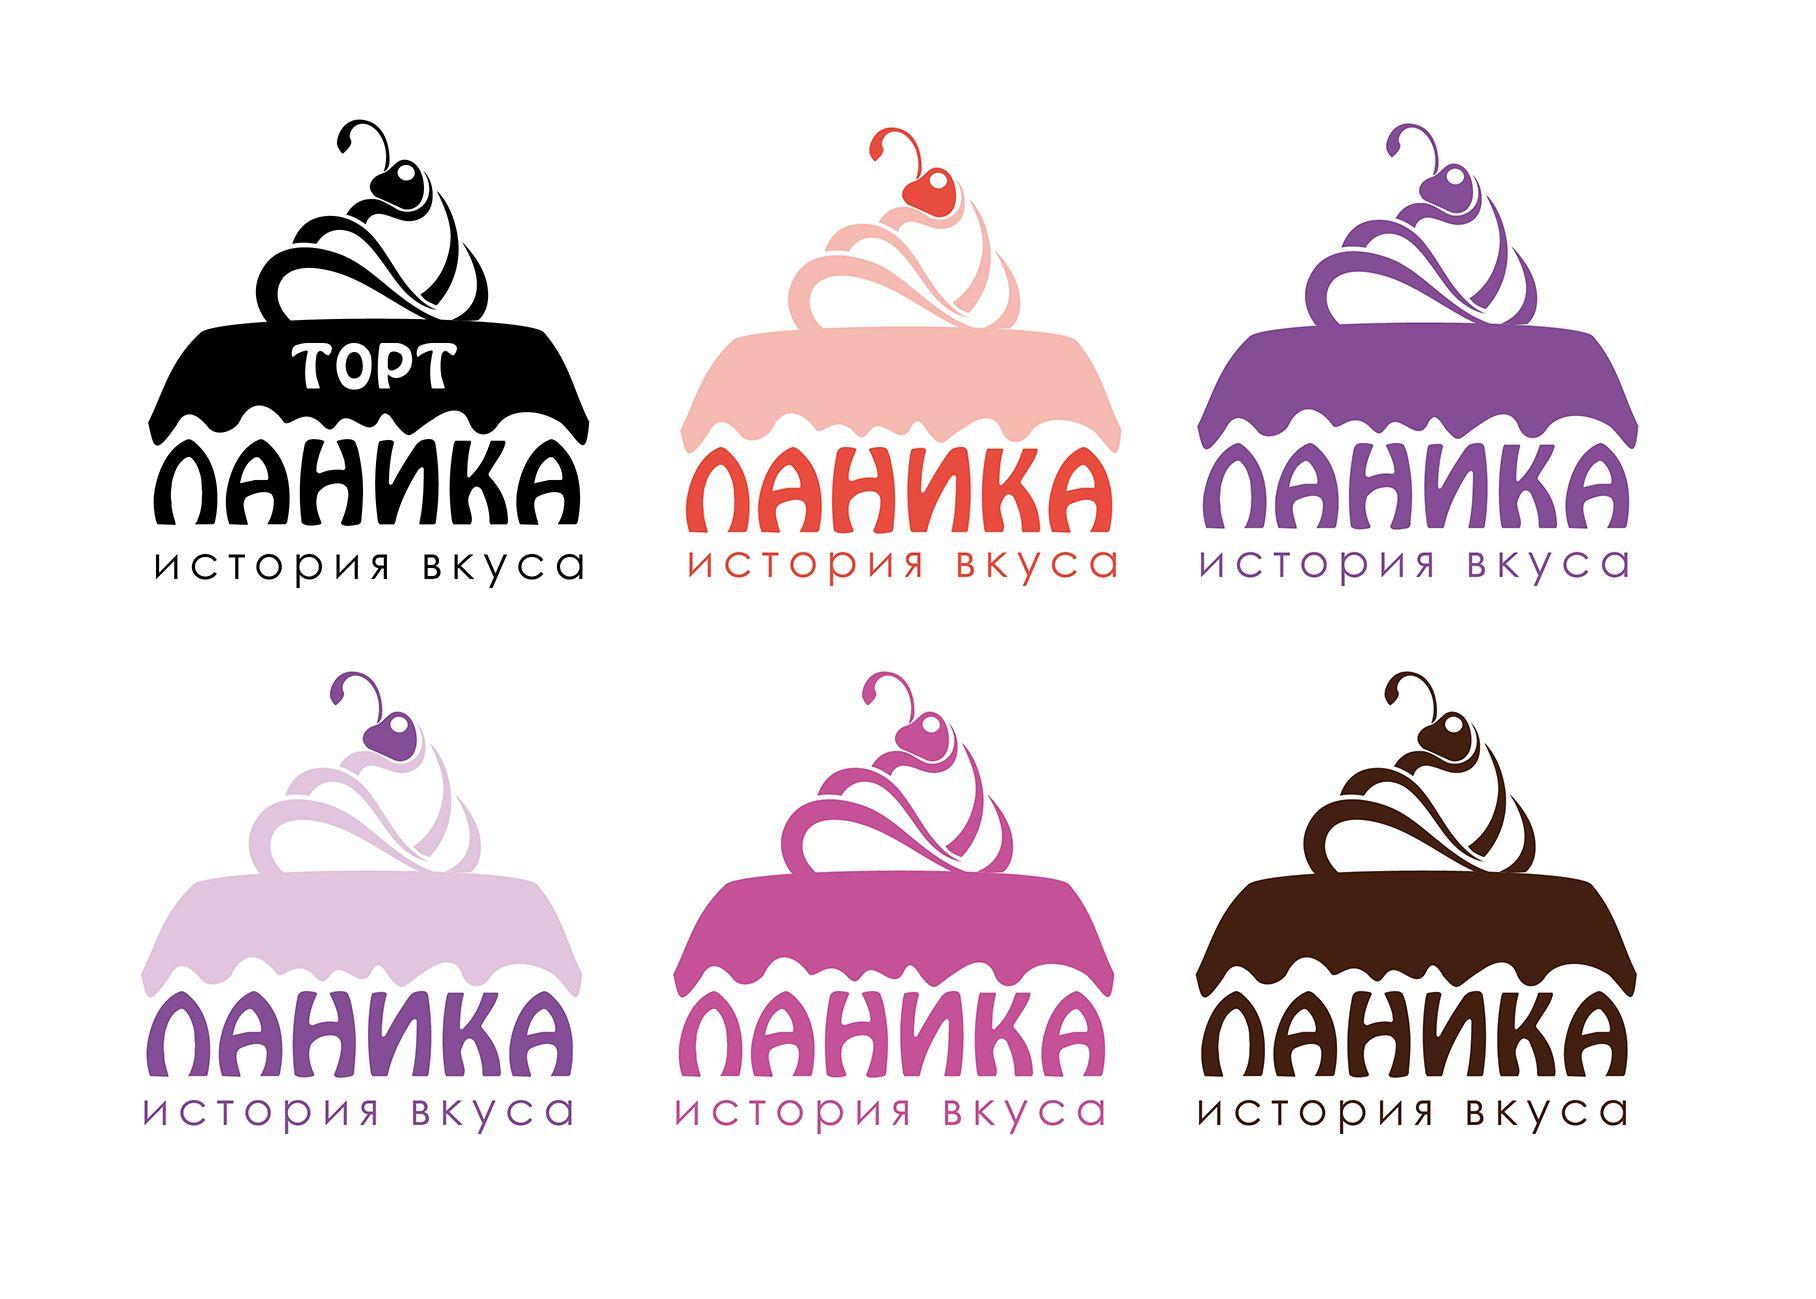 Лого ИМ тортов,пирожных и печенья ручной работы - дизайнер valeriana_88